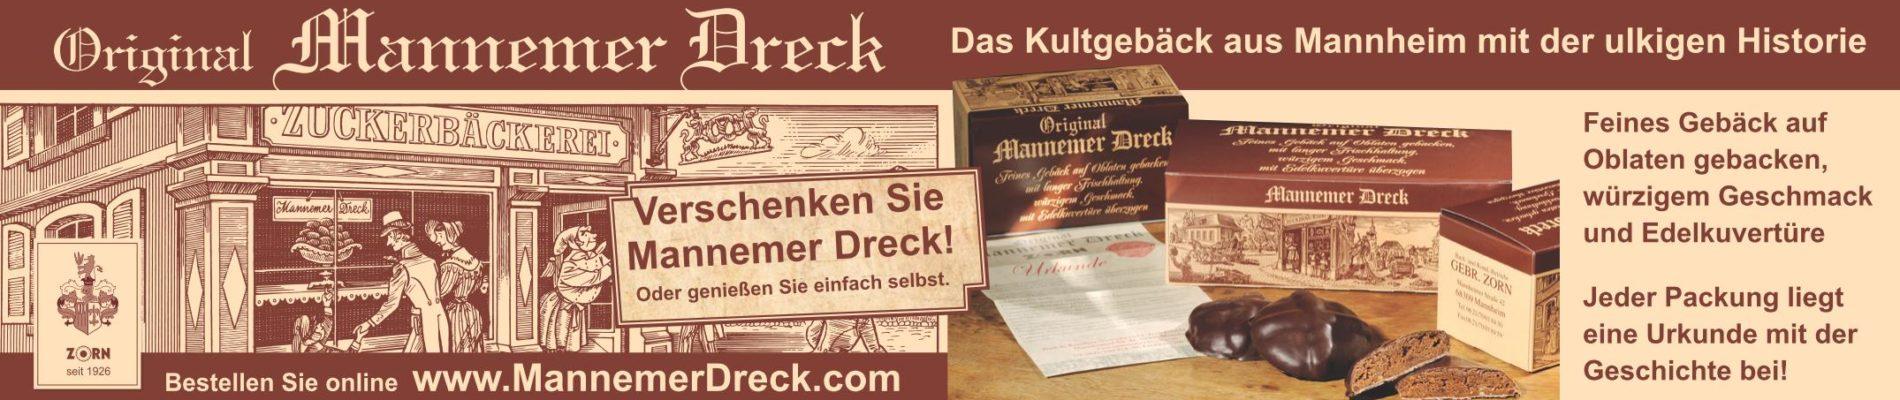 mannemer_dreck_lang_banner